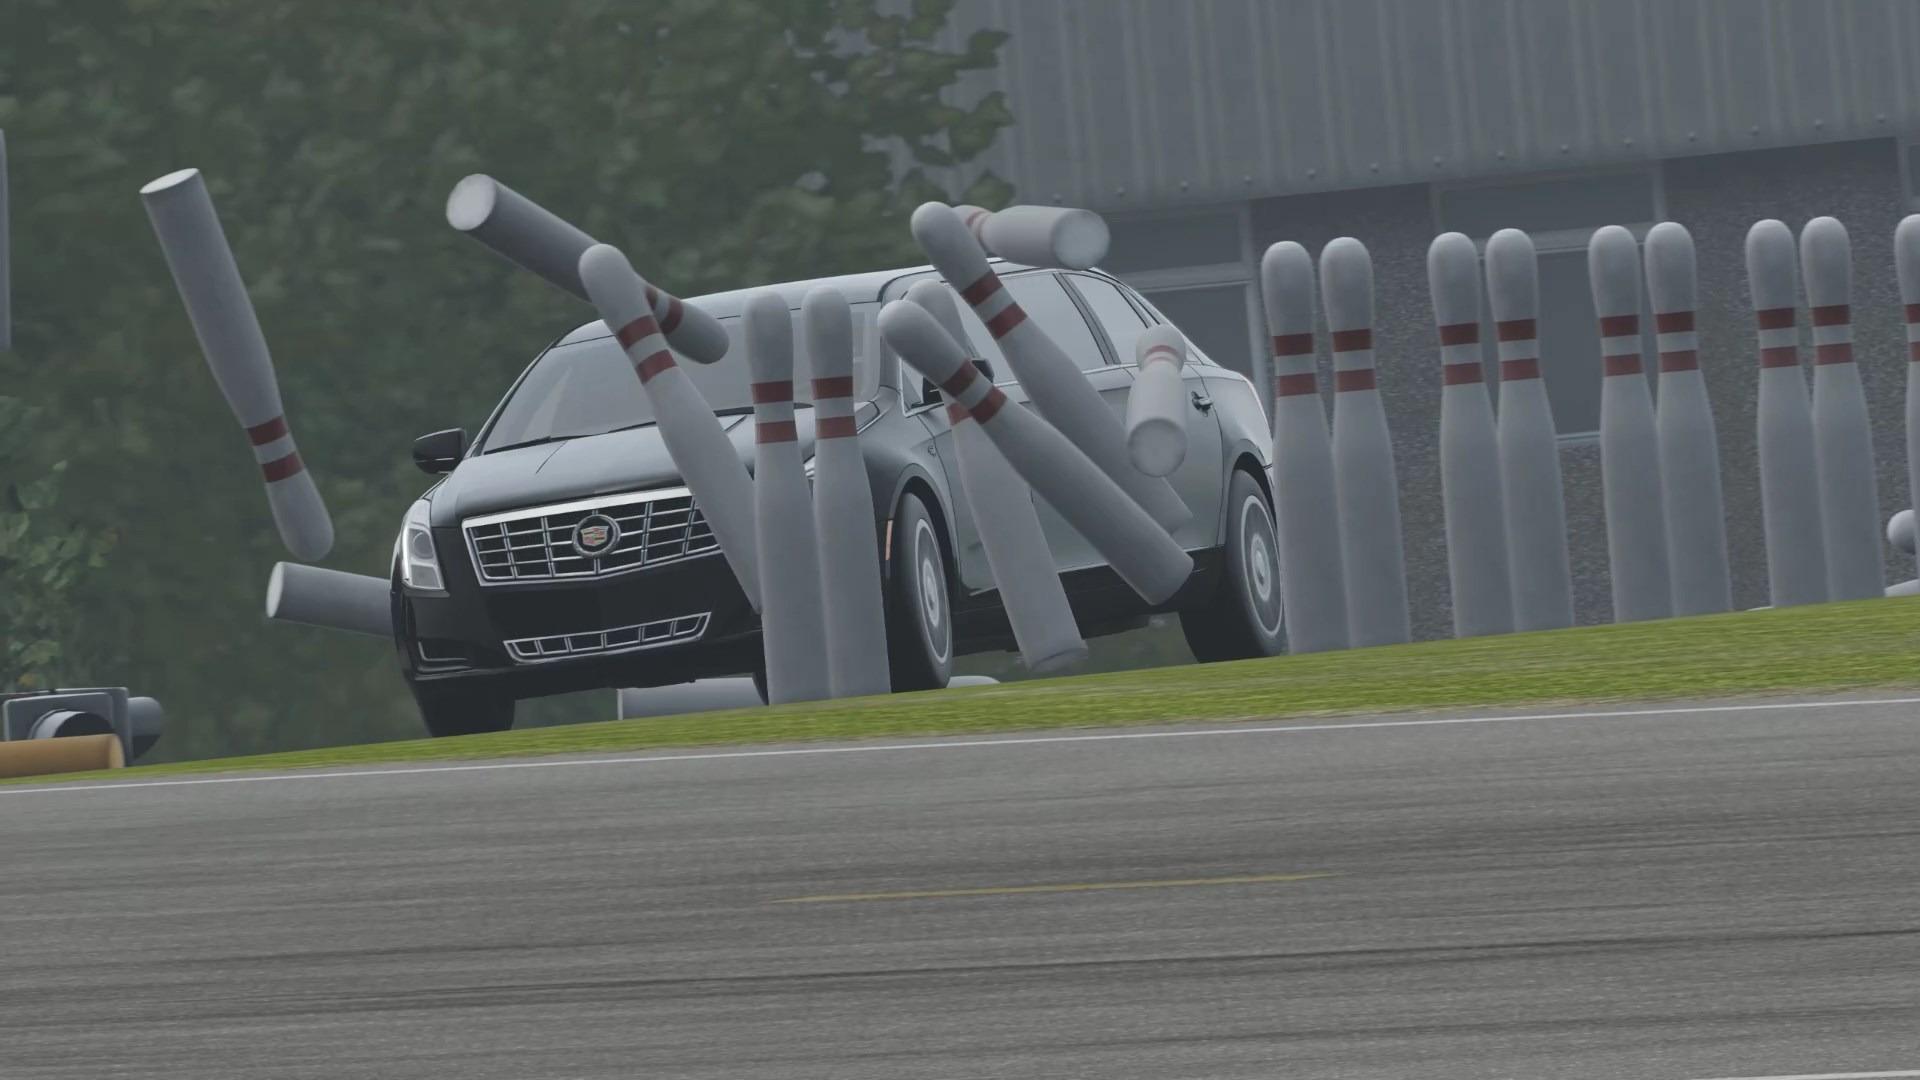 車番組「TOP GEAR」由来のカーボーリング。たくさんのピンを倒すにはスピンを完全に制御する必要もあり、意外と奥が深い